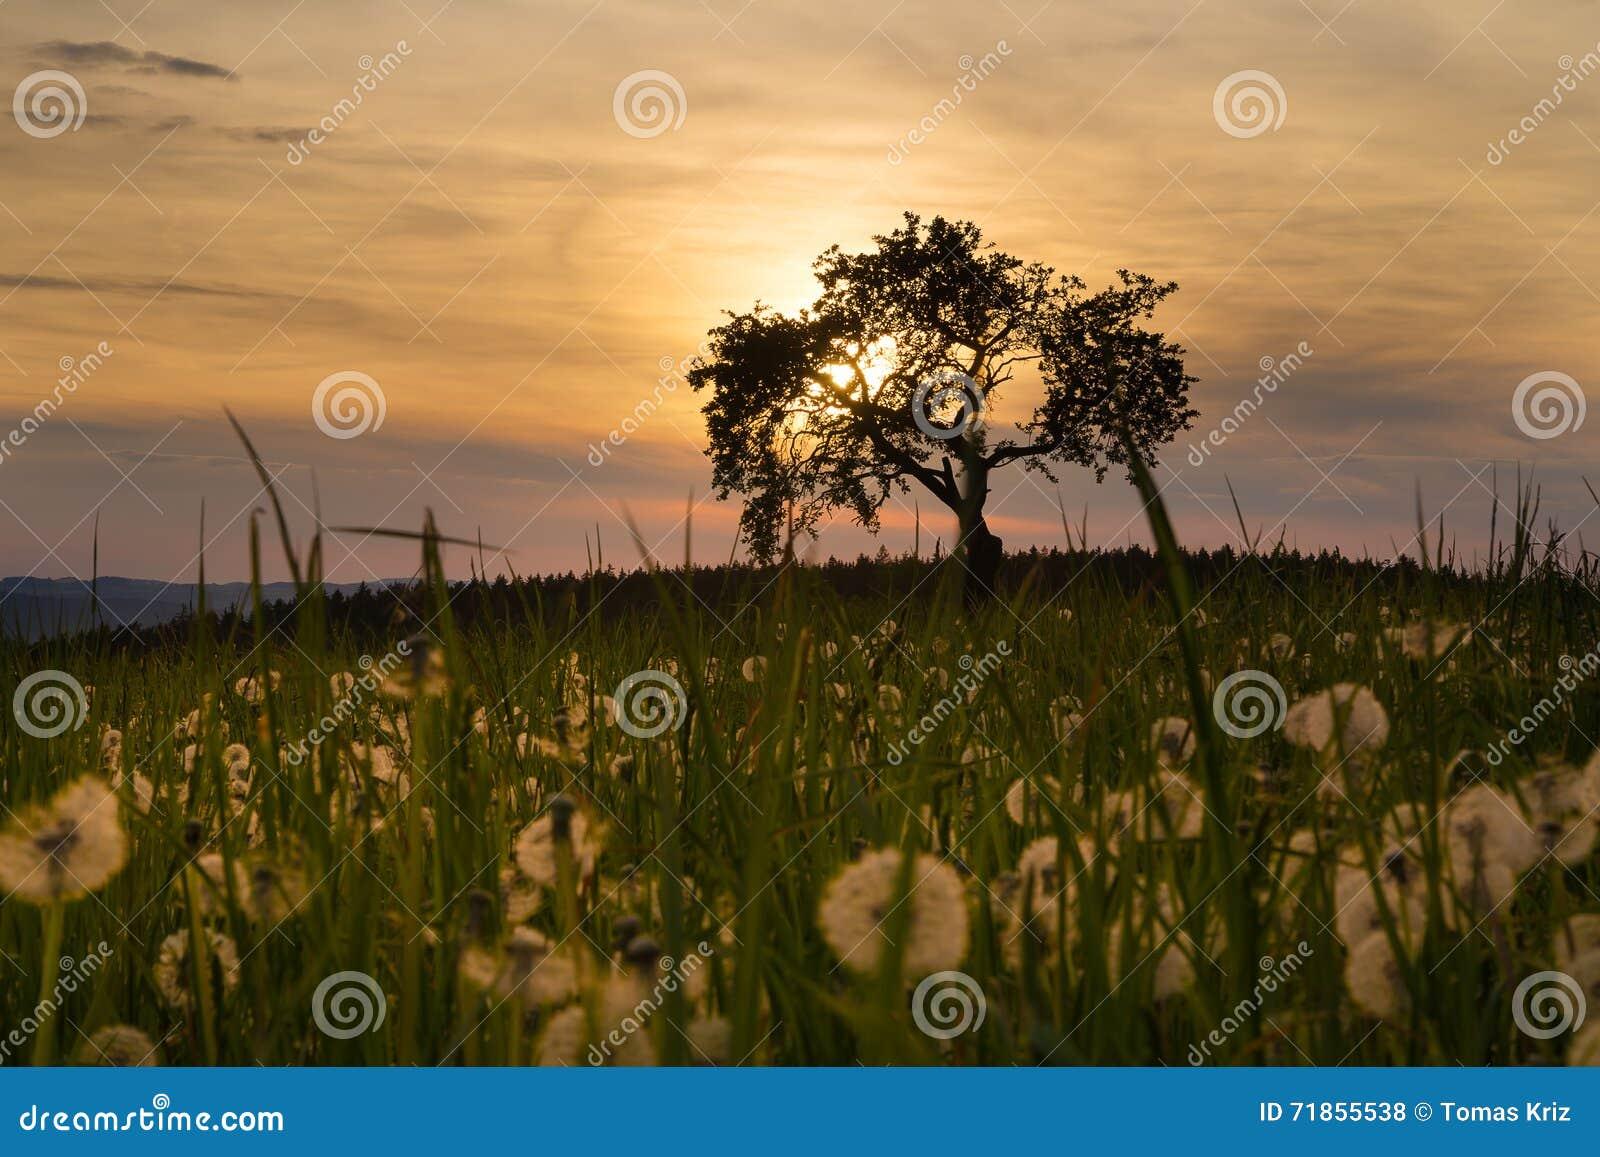 Sonnenuntergang, Baum und Löwenzahn